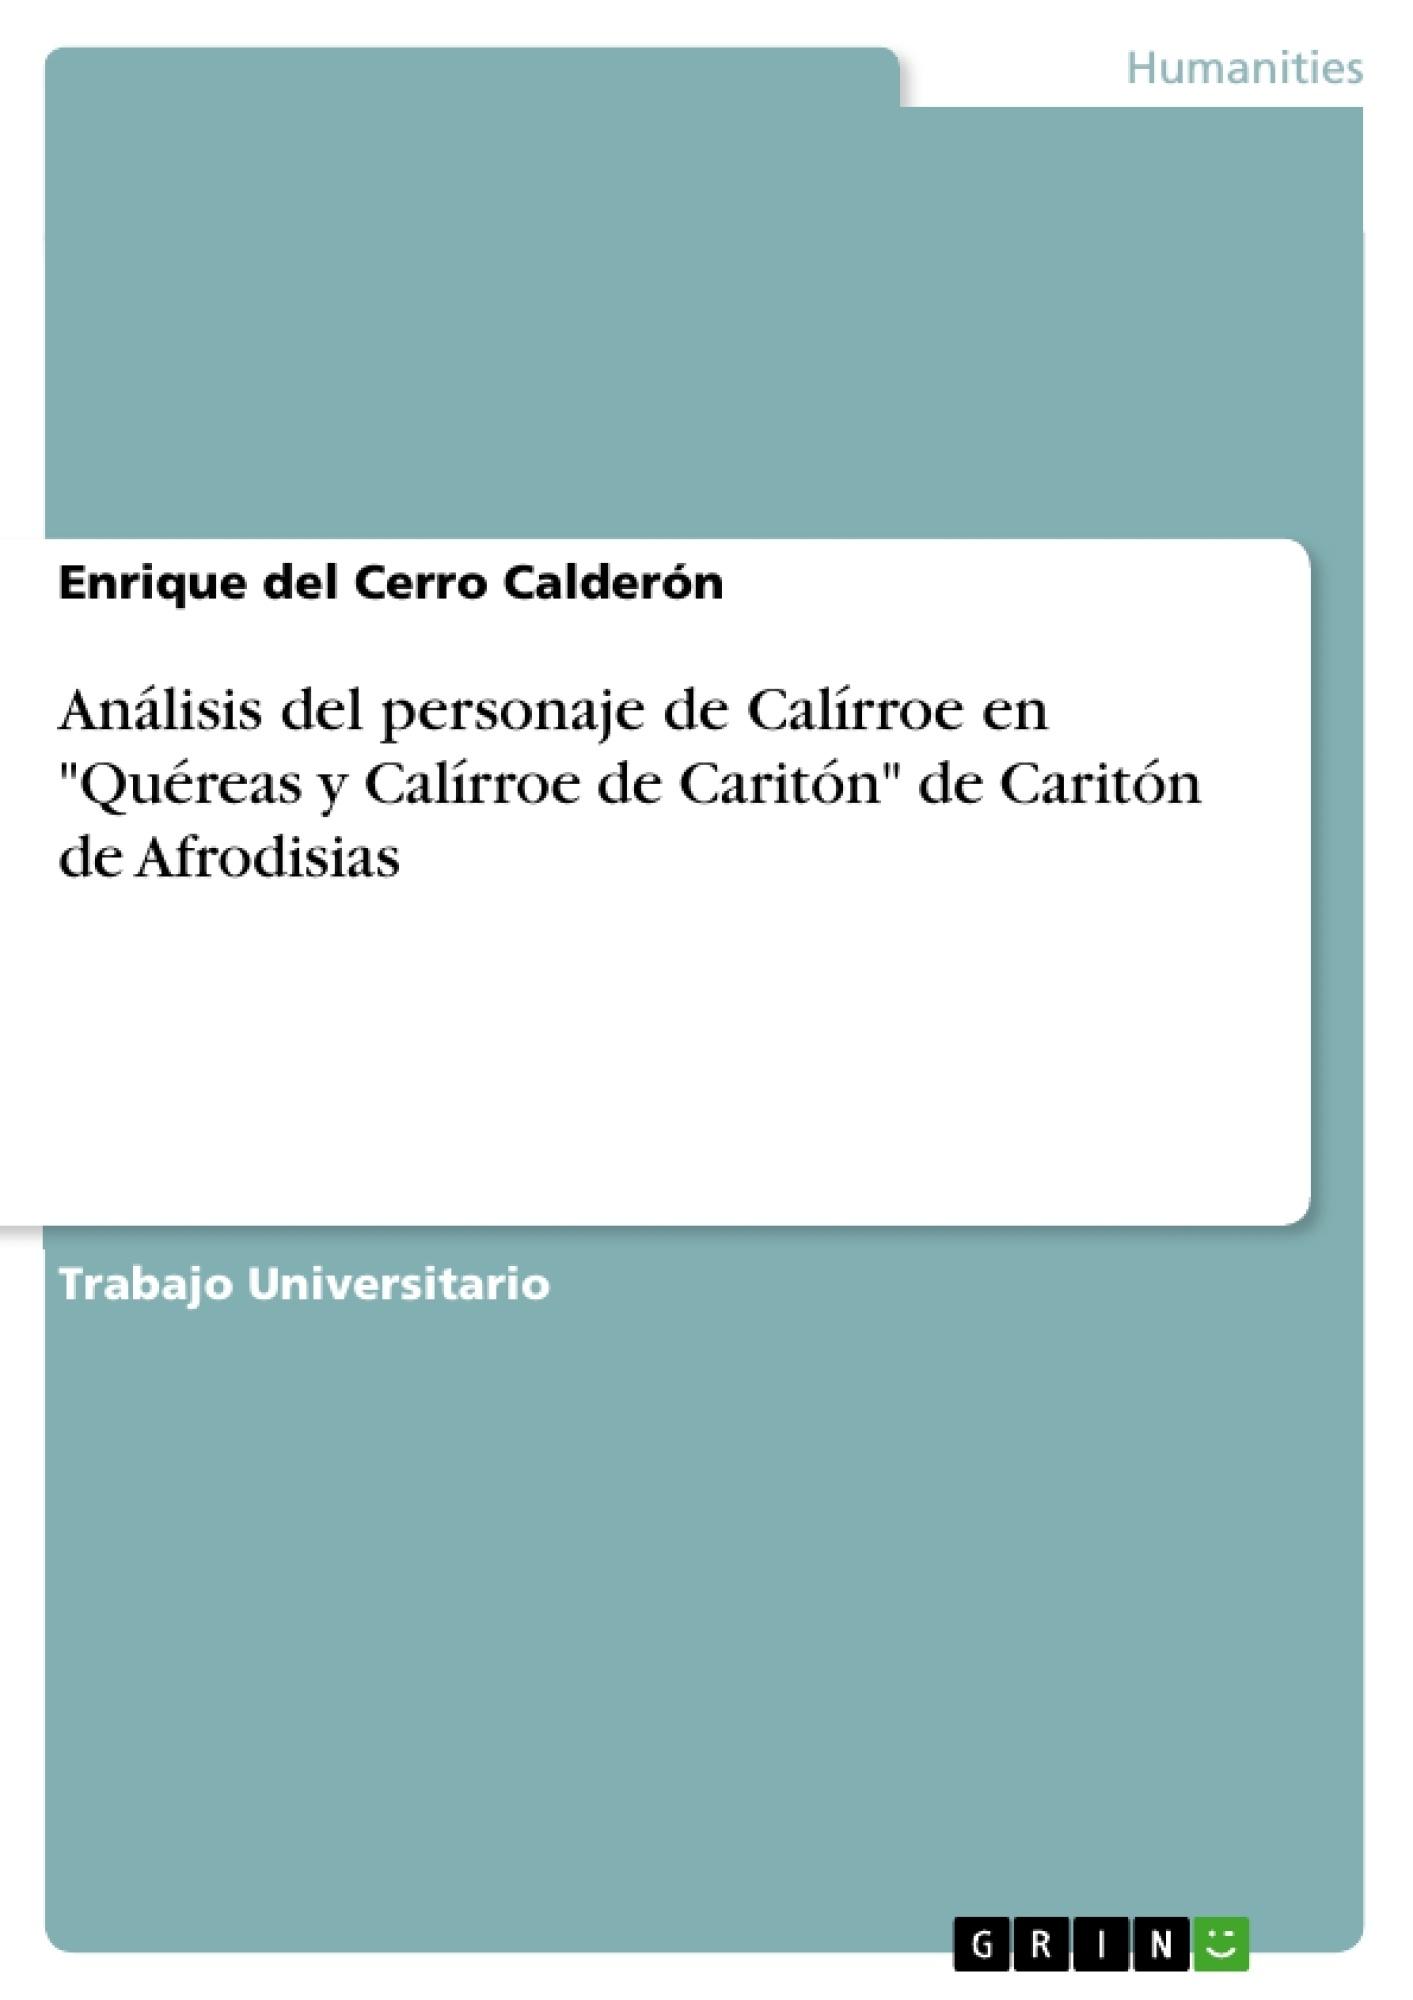 """Título: Análisis del personaje de Calírroe en """"Quéreas y Calírroe de Caritón"""" de Caritón de Afrodisias"""